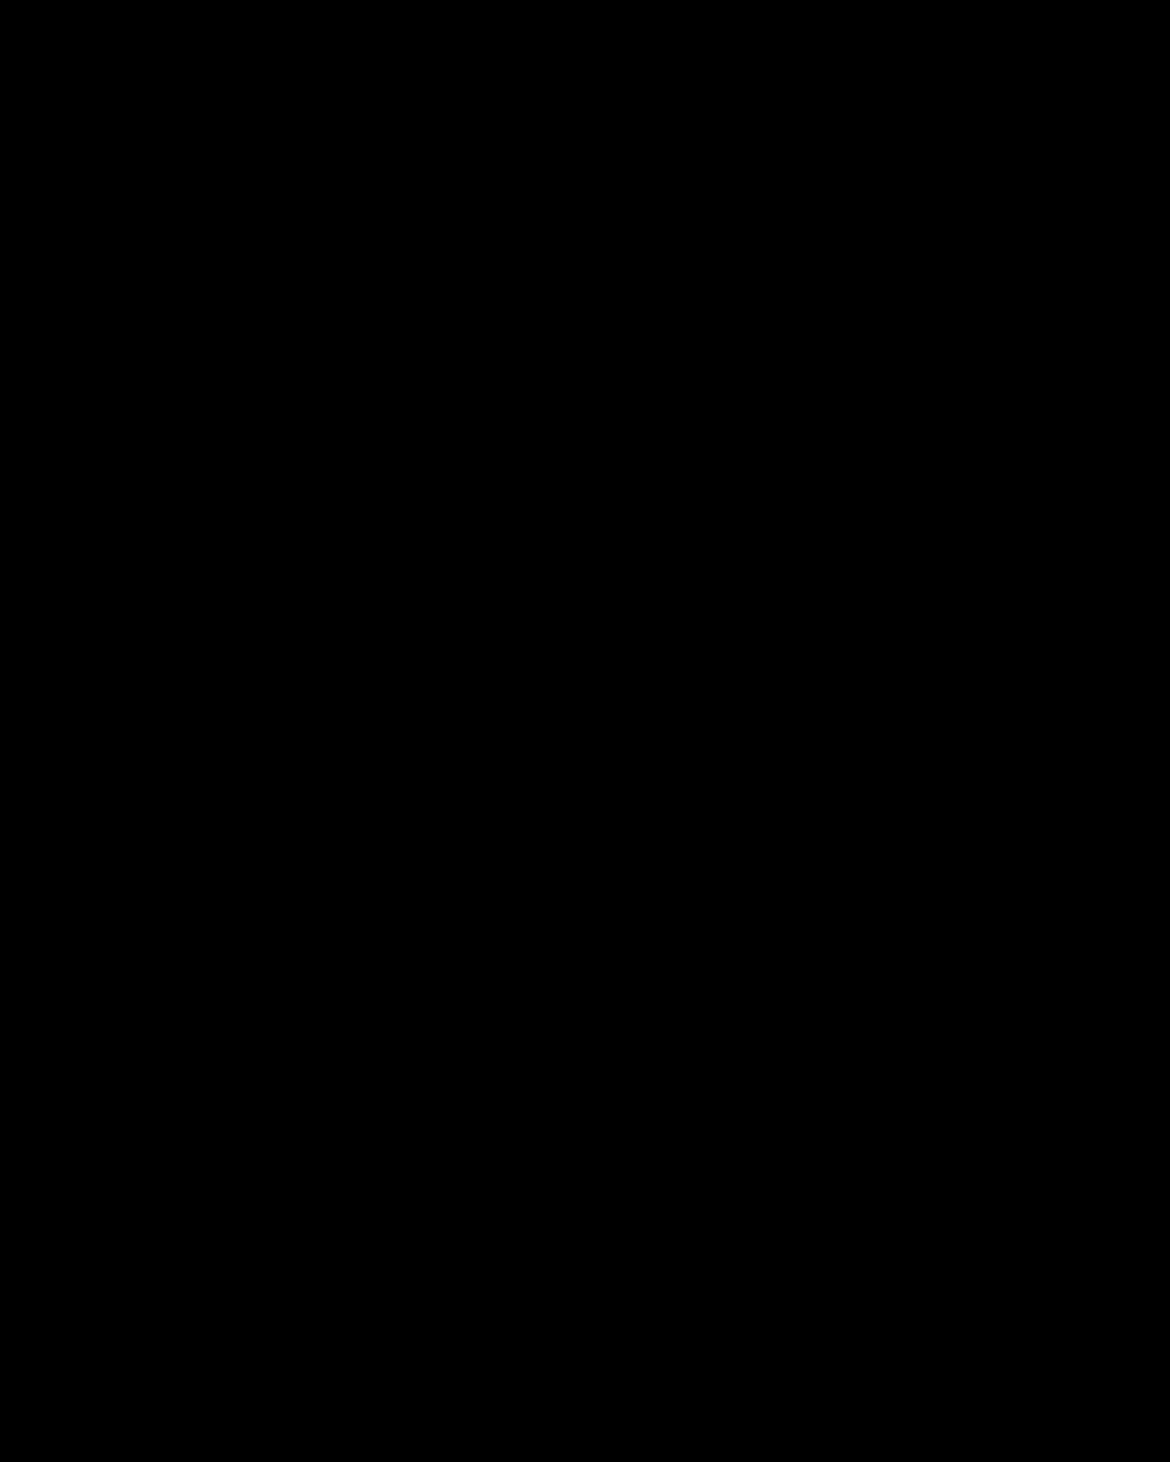 Pelle idratata e luminosa dopo il sole con Nivea - Laura Comolli a Positano